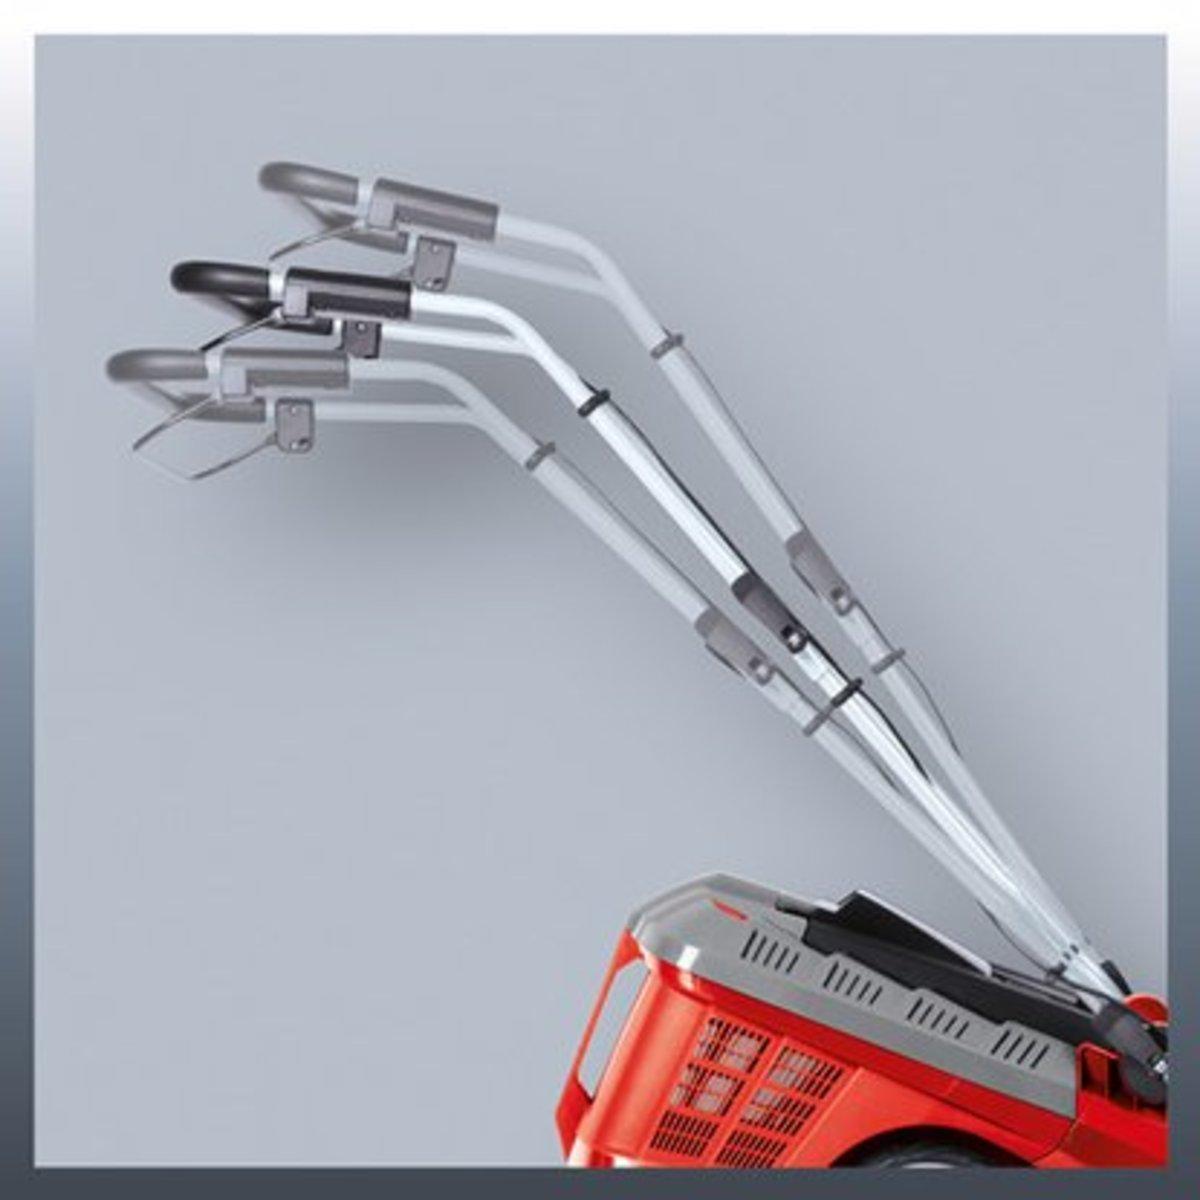 Bild 2 von Einhell Akku-Rasenmäher GE-CM 43 Li M Kit Power X-Change